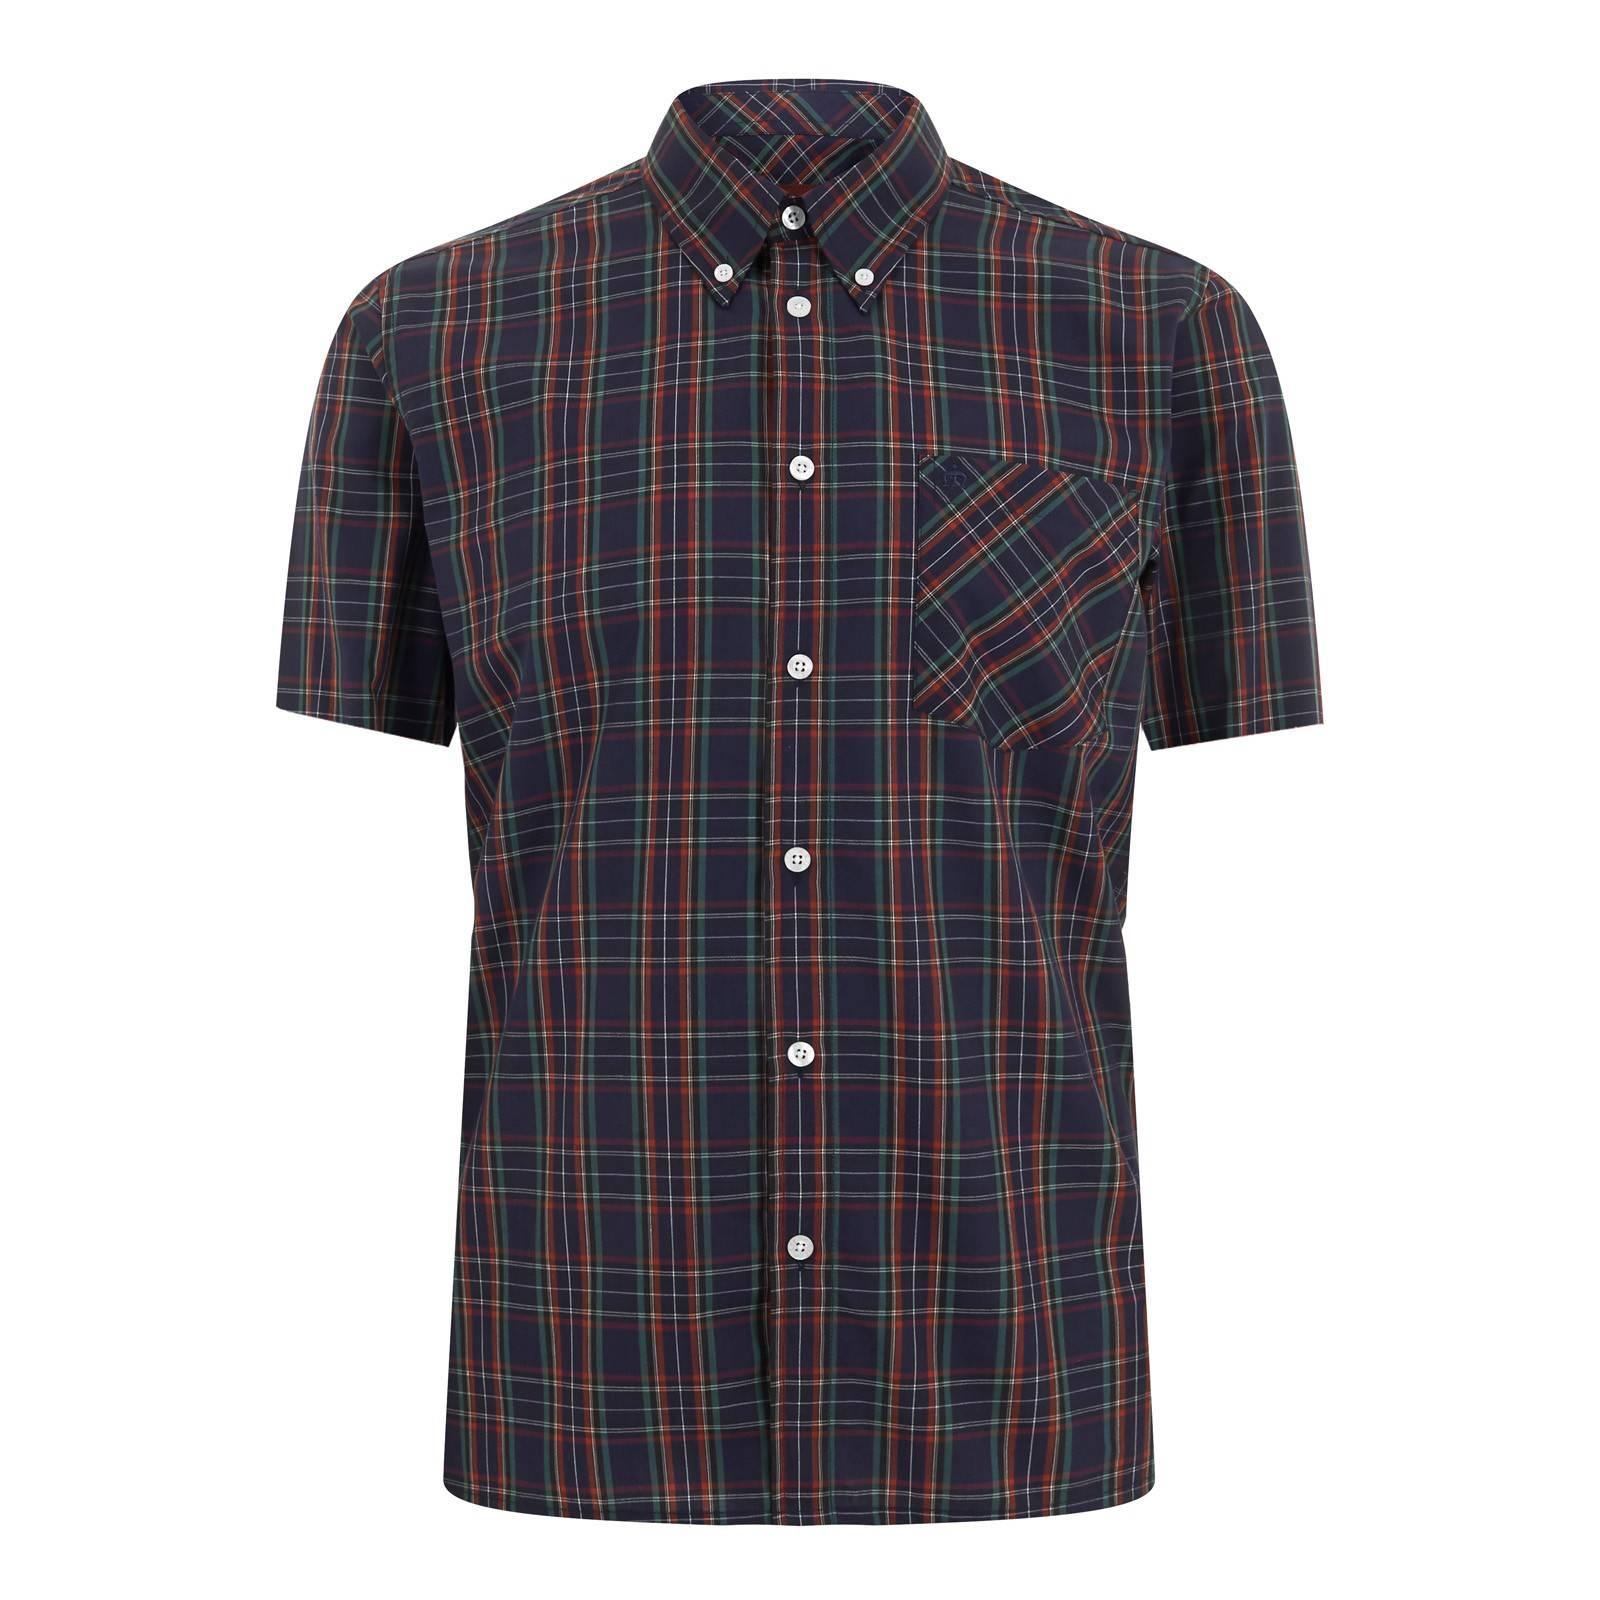 Рубашка MackCORE<br>Приталенная мужская рубашка из тонкого, дышащего материала, в традиционную для британского стиля &amp;amp;quot;тартановую&amp;amp;quot; клетку. Можно носить навыпуск или заправлять в брюки, комбинируя с трикотажем, ветровкой или плащом. Классический воротник типа &amp;amp;quot;button down&amp;amp;quot; пристегнут к основанию рубашки на пуговицы, что делает ее идеальной парой для пуловера с V-образным вырезом или свитера. Принадлежит к базовой линии &amp;amp;quot;Core&amp;amp;quot; и производится из сезона в сезон, являясь частью наследия Merc look на протяжении многих лет.<br><br>Артикул: 1510112<br>Материал: 65% хлопок 35% полиэстер<br>Цвет: темно-синий тартан<br>Пол: Мужской